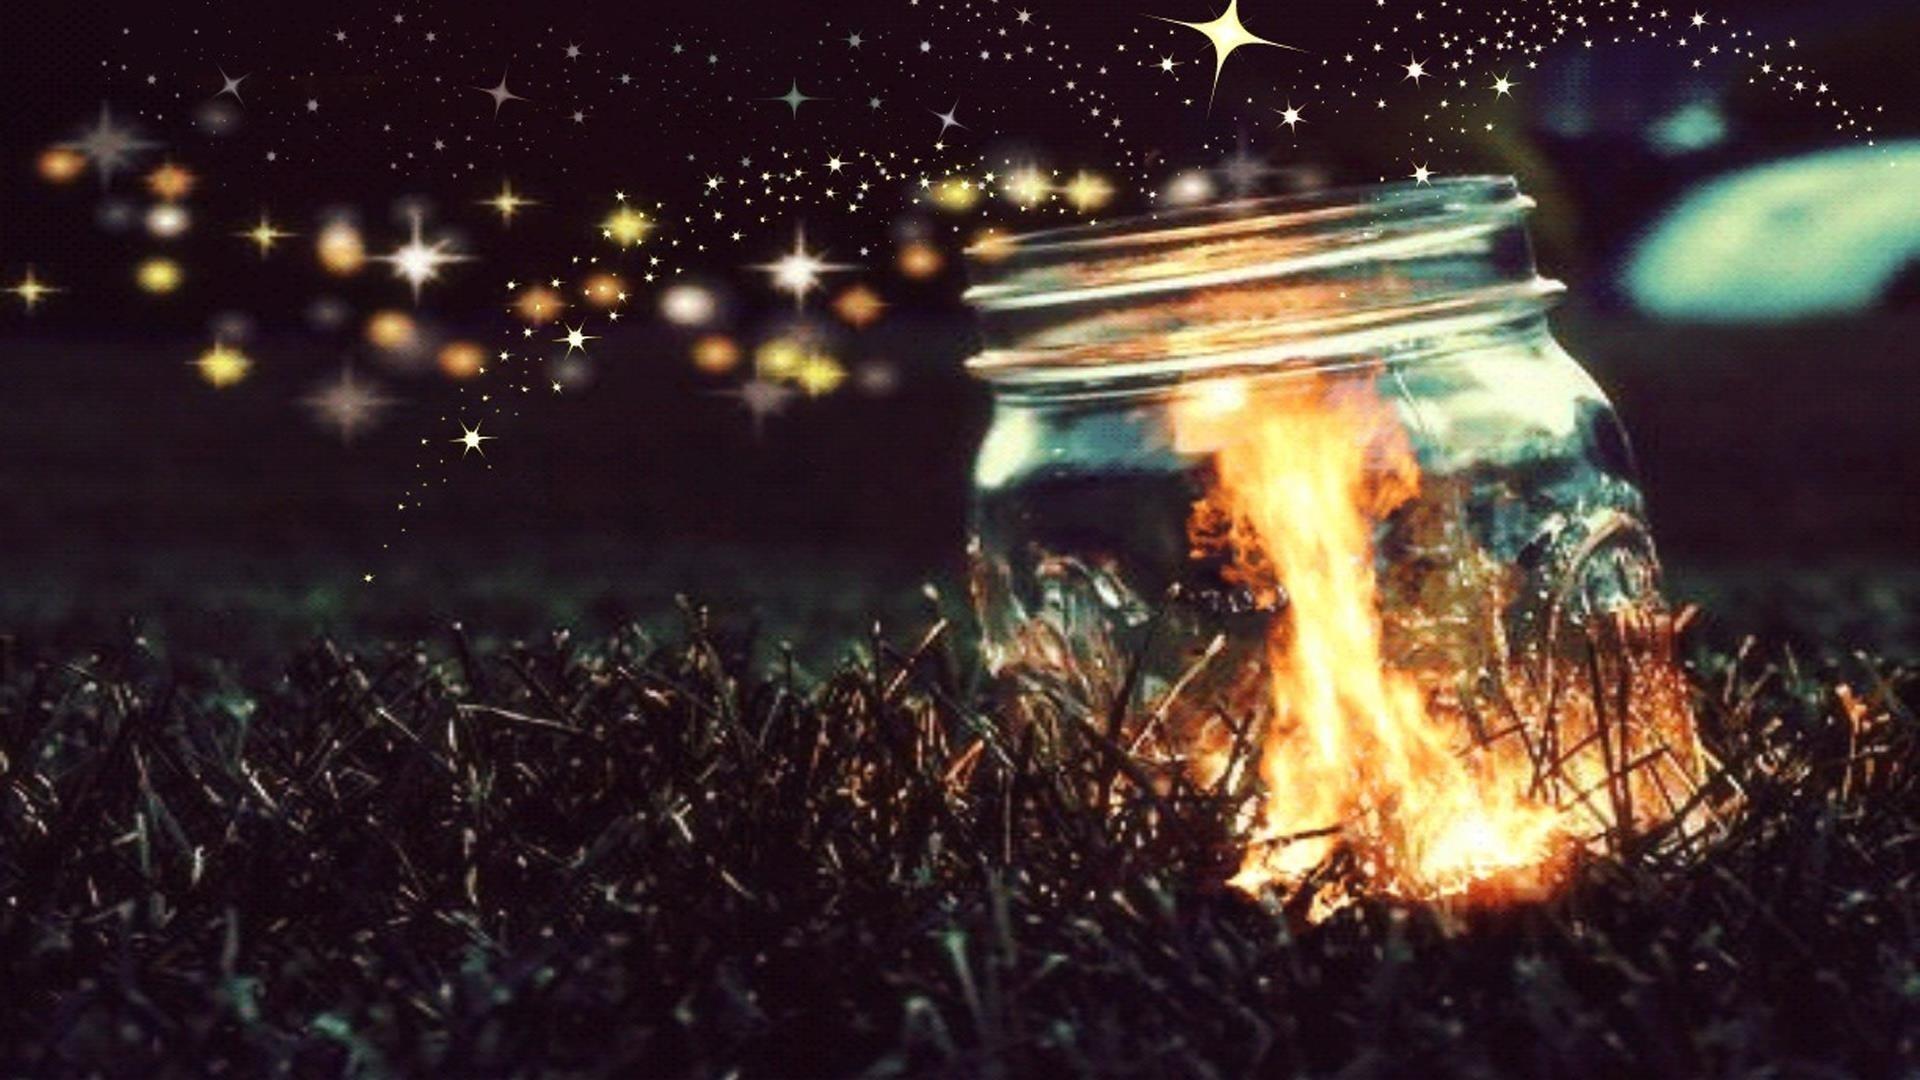 Яркие огни стеклянная бутылка на траве абстракция обои скачать